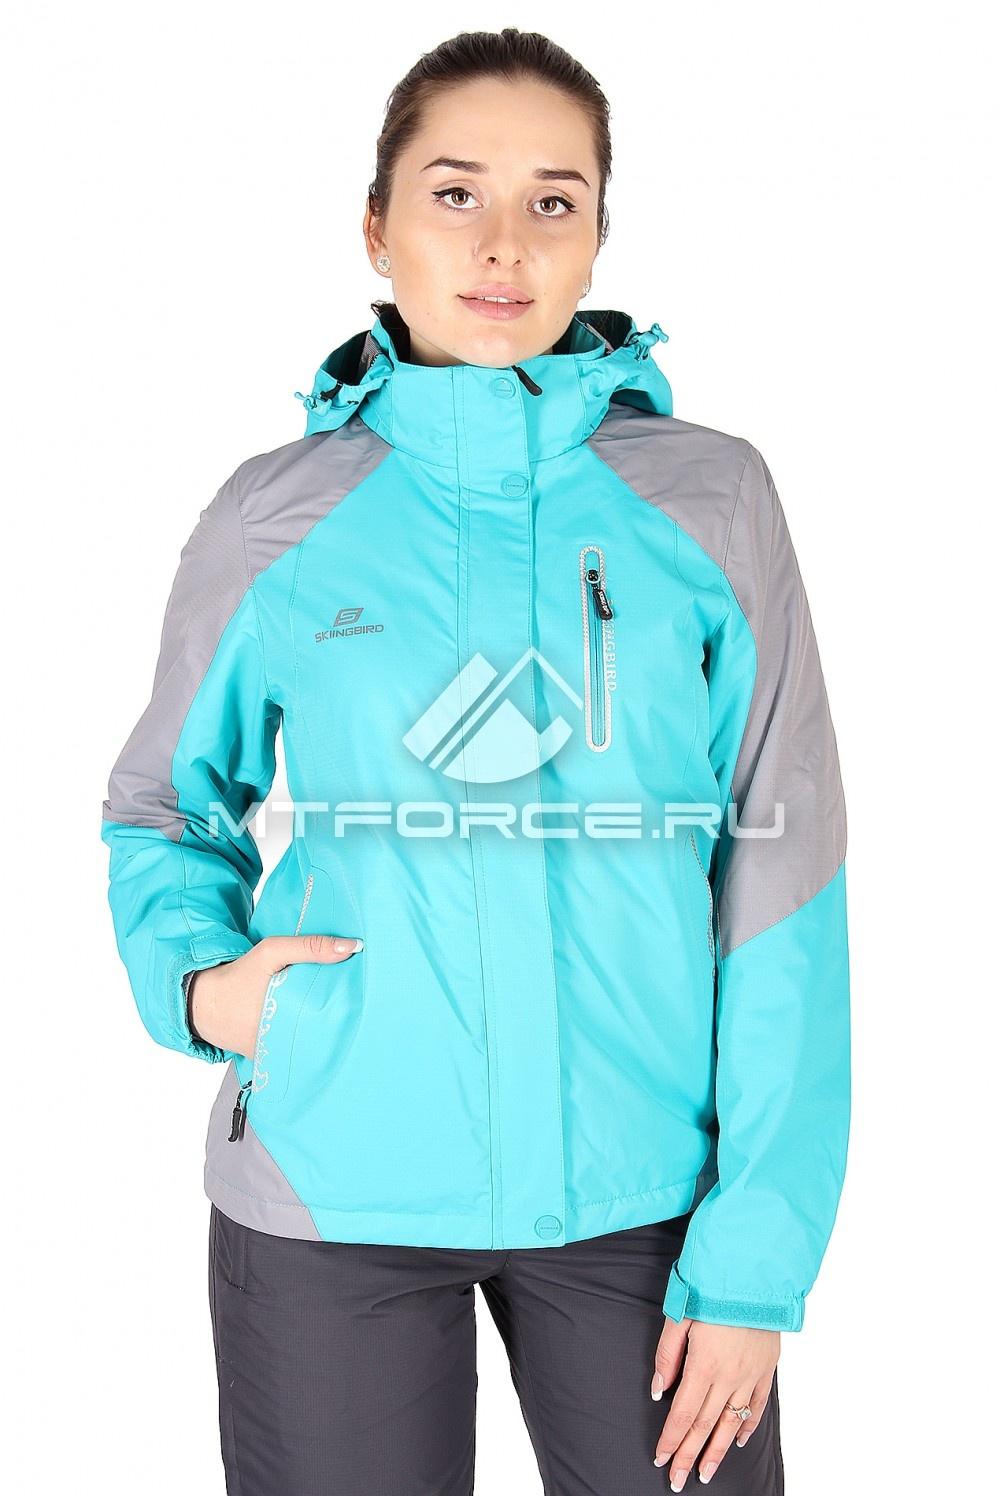 Купить оптом Куртка спортивная женская весна голубого цвета 1610Gl